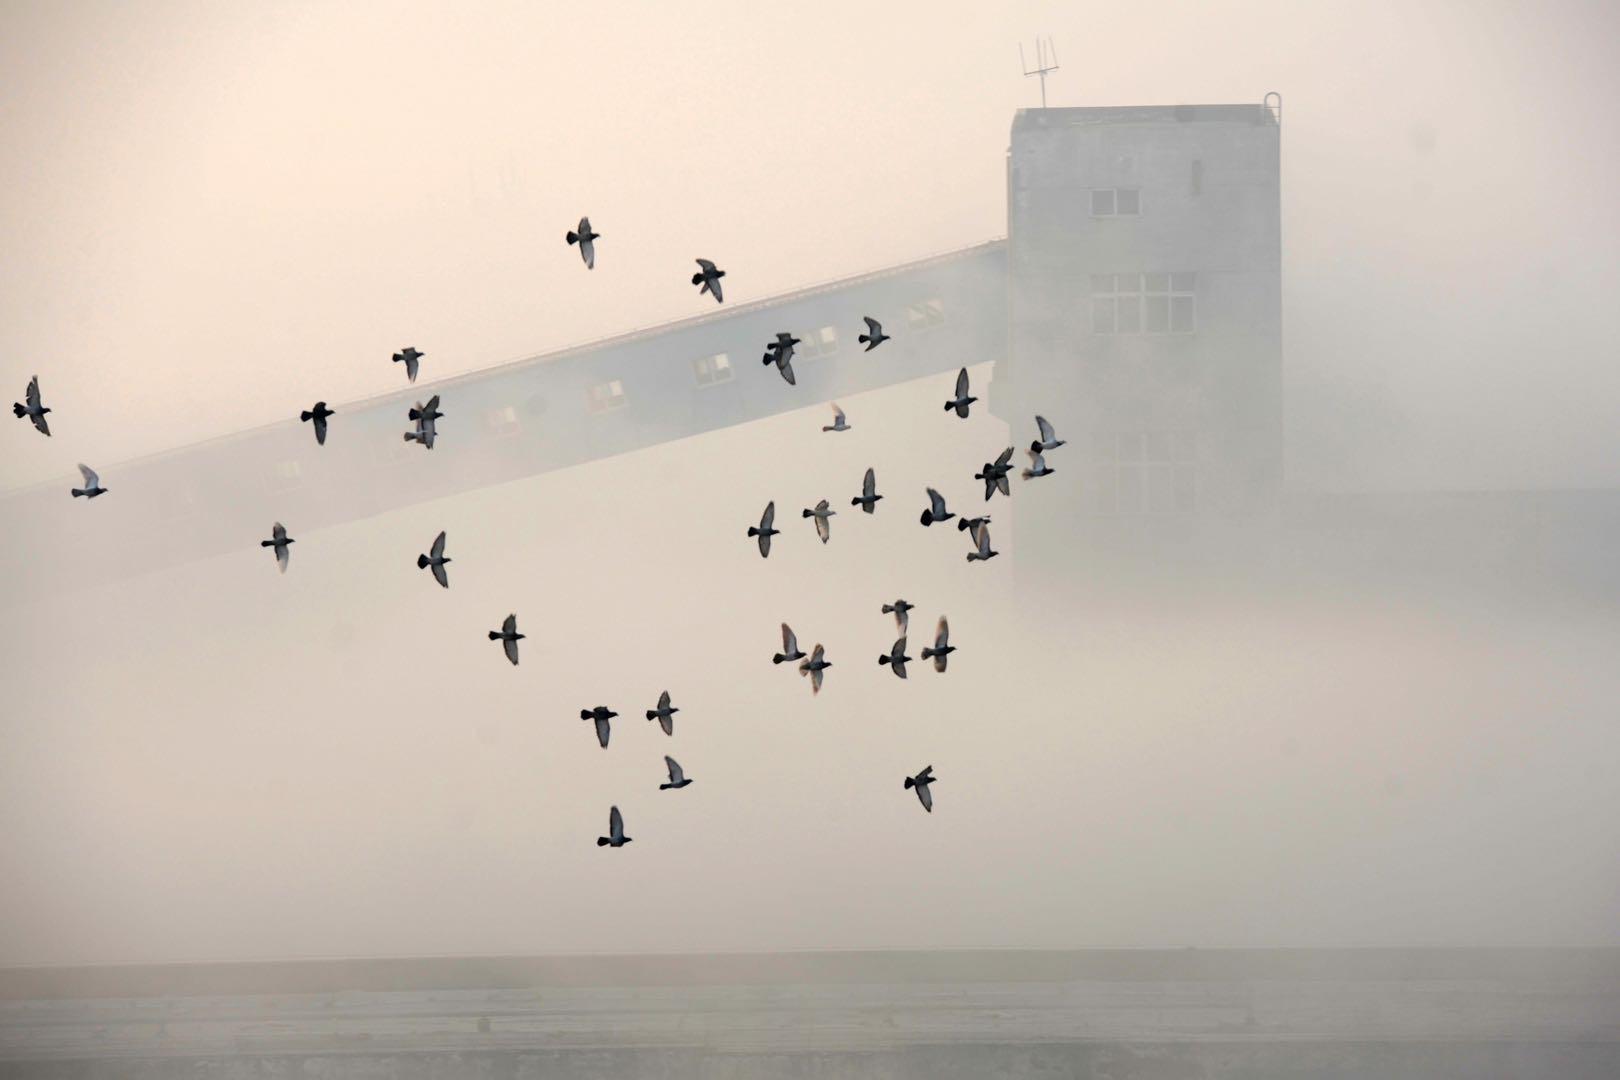 隱秘的賭鴿游戲:1250萬拍下一只鴿子